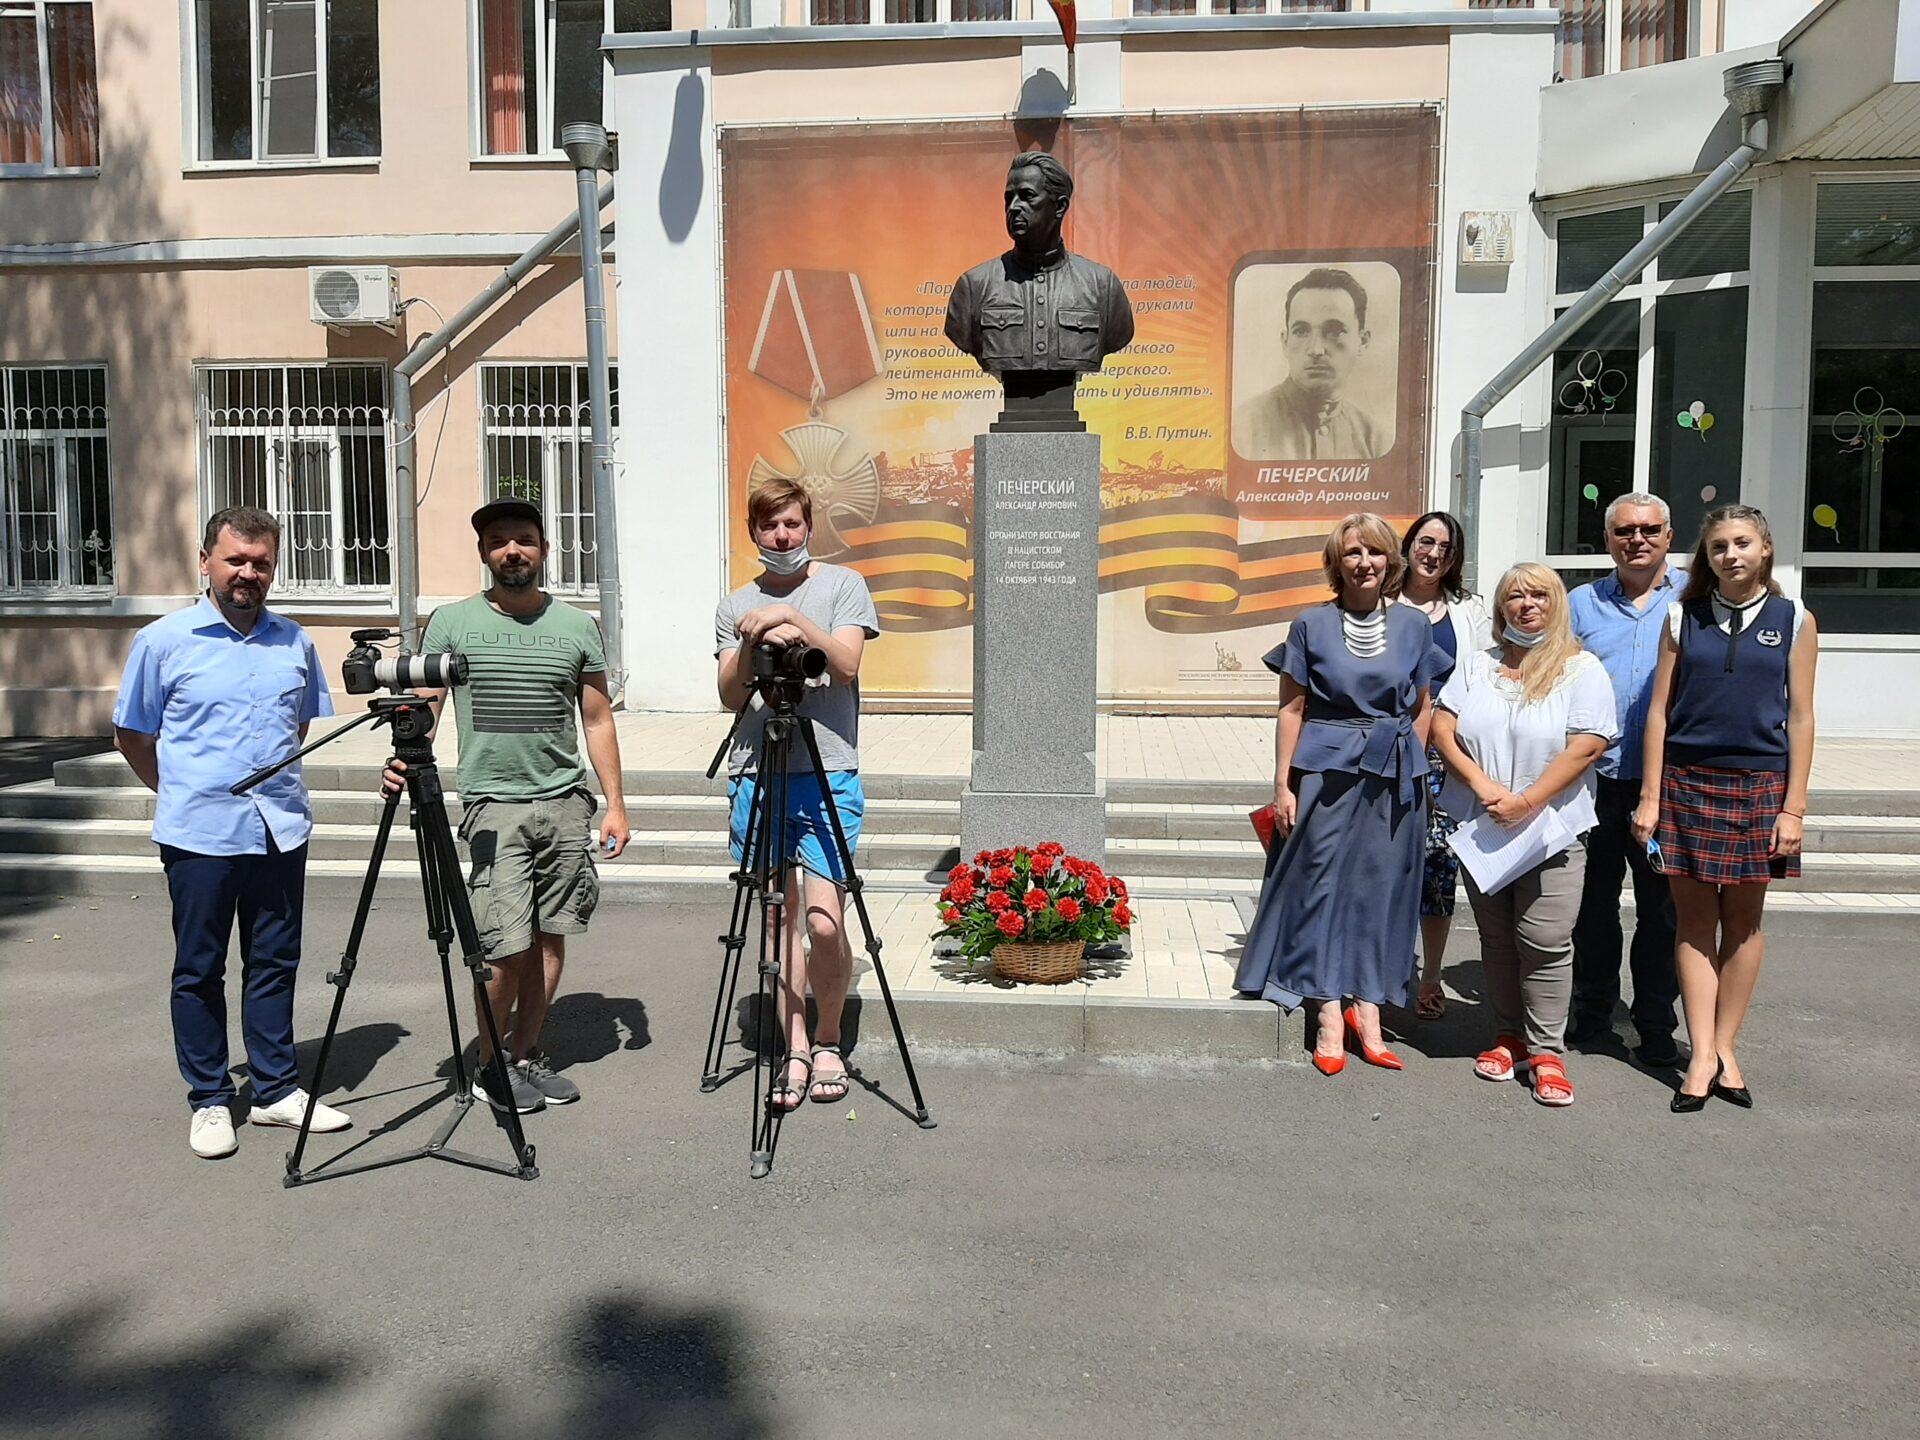 В Ростове-на-Дону прошли съемки документального фильма об Александре Печерском